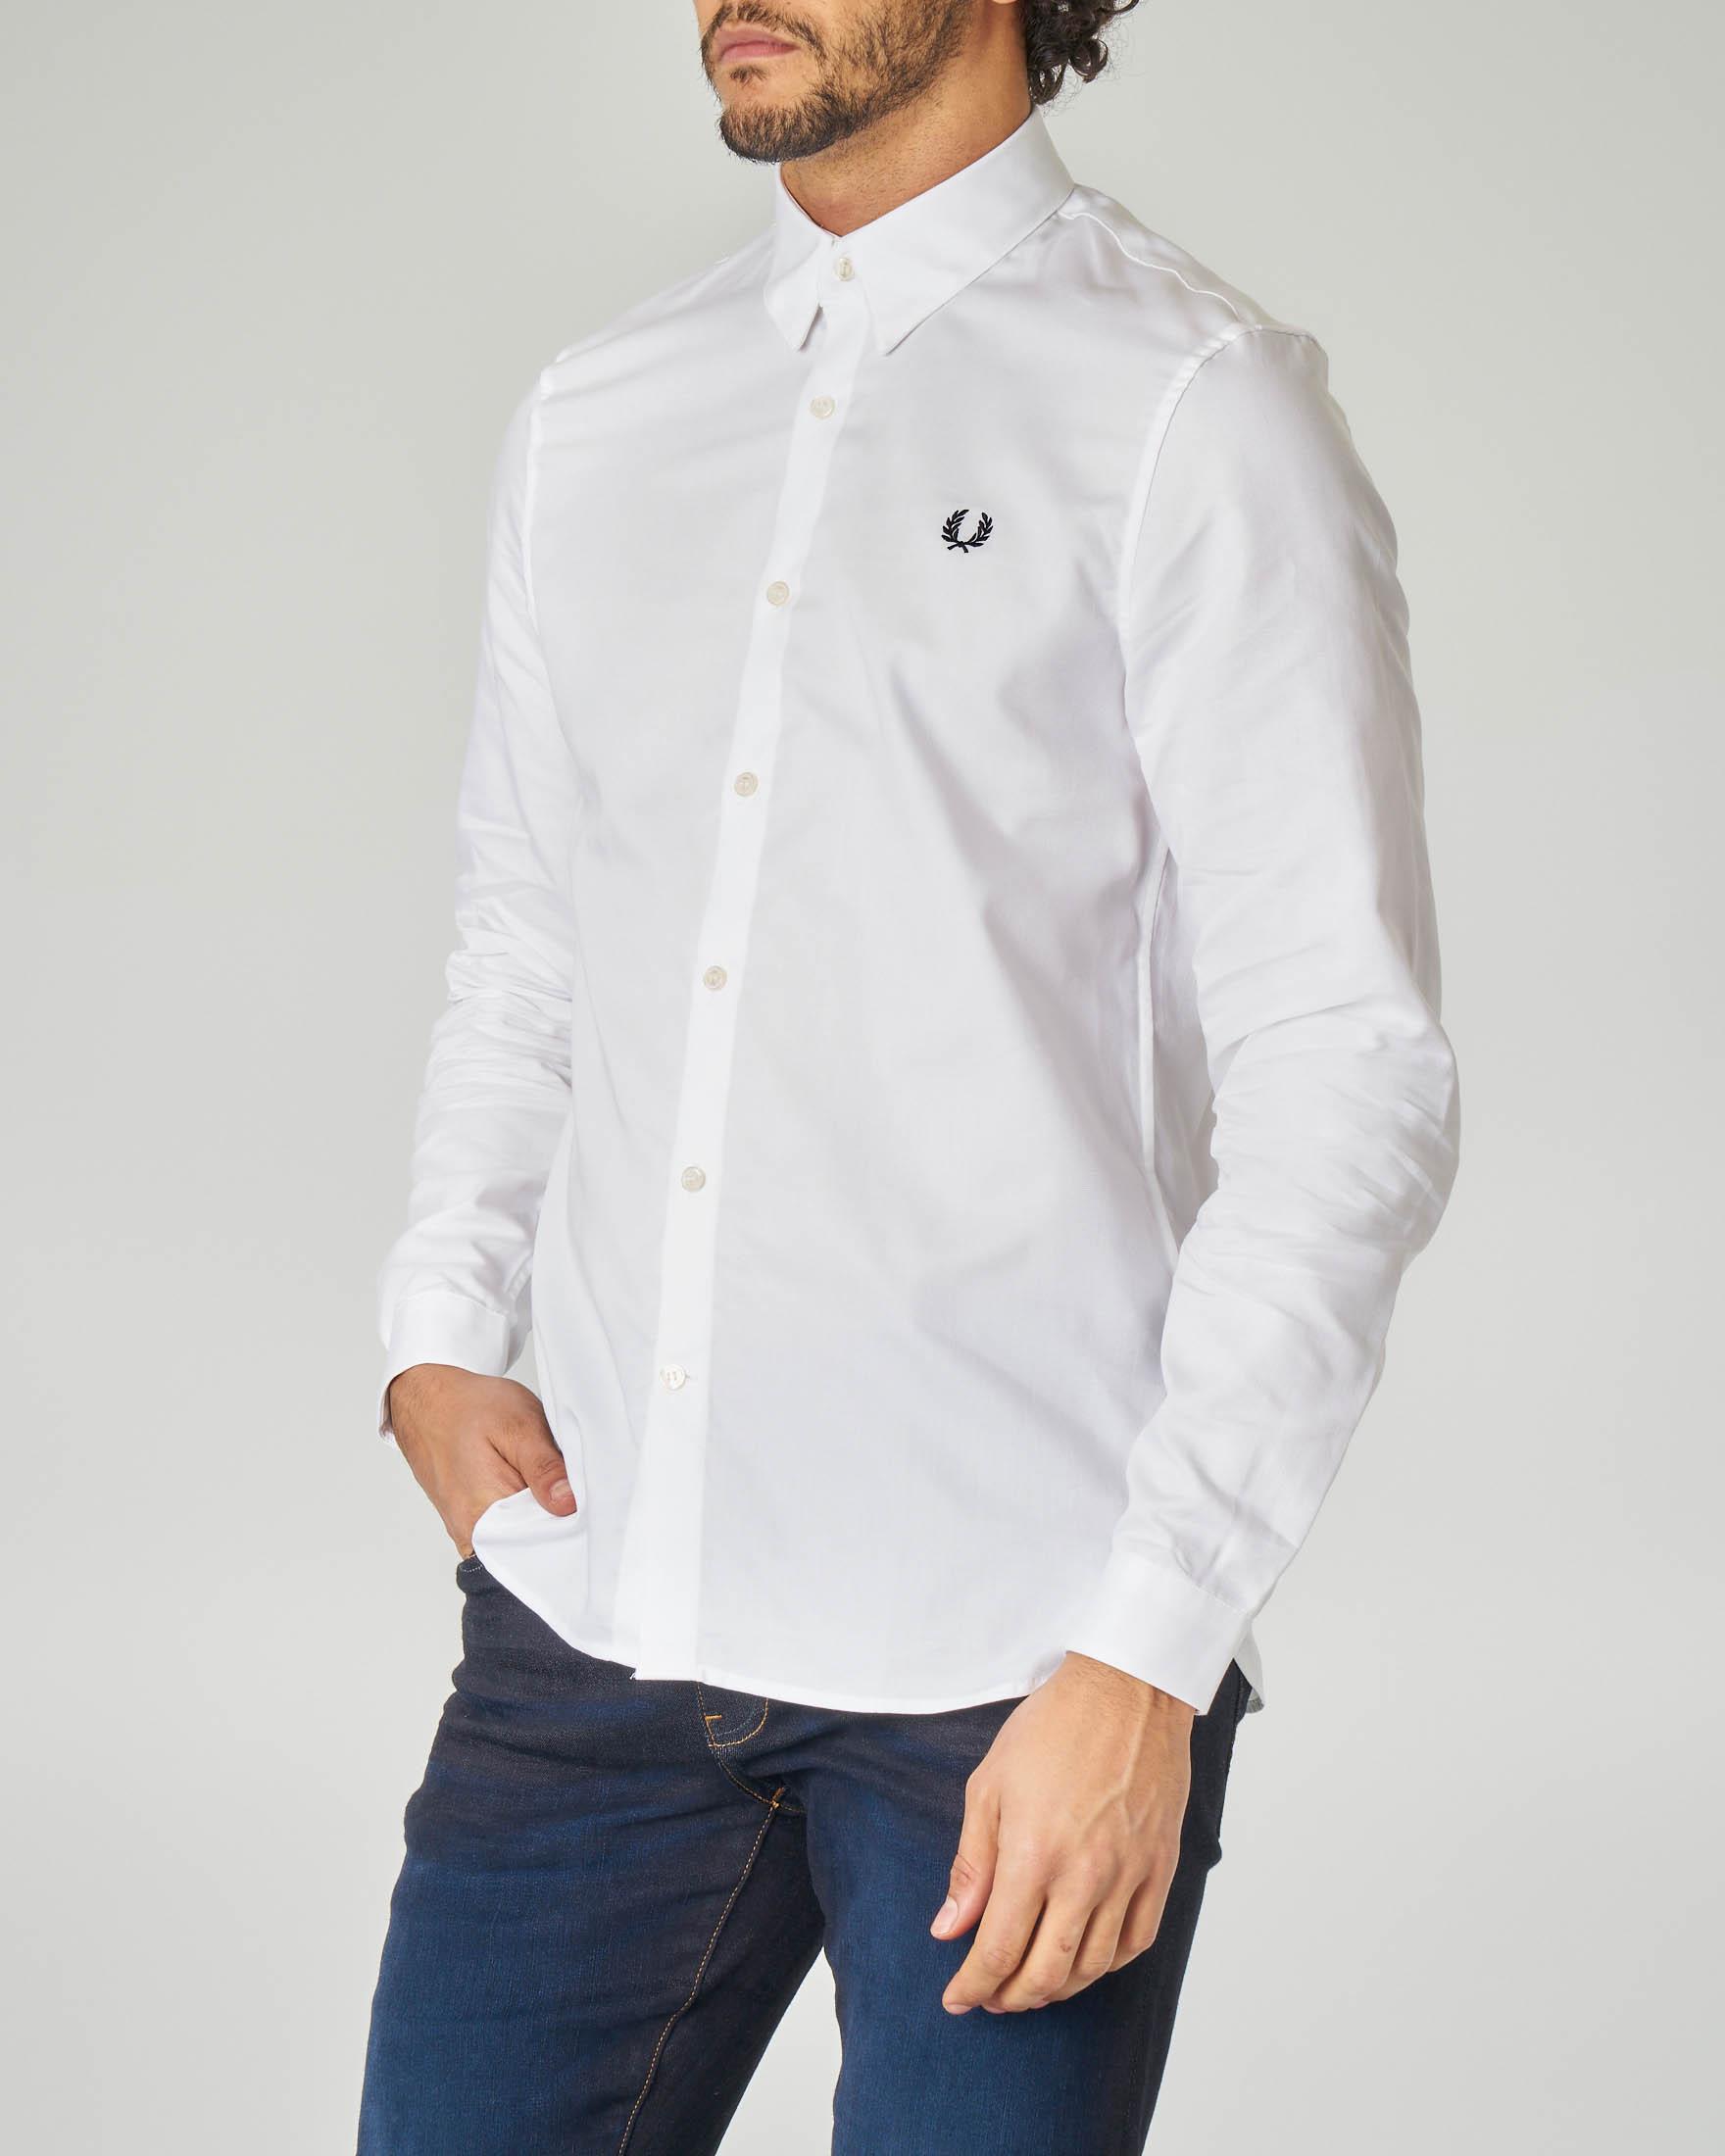 Camicia bianca in piquè con logo